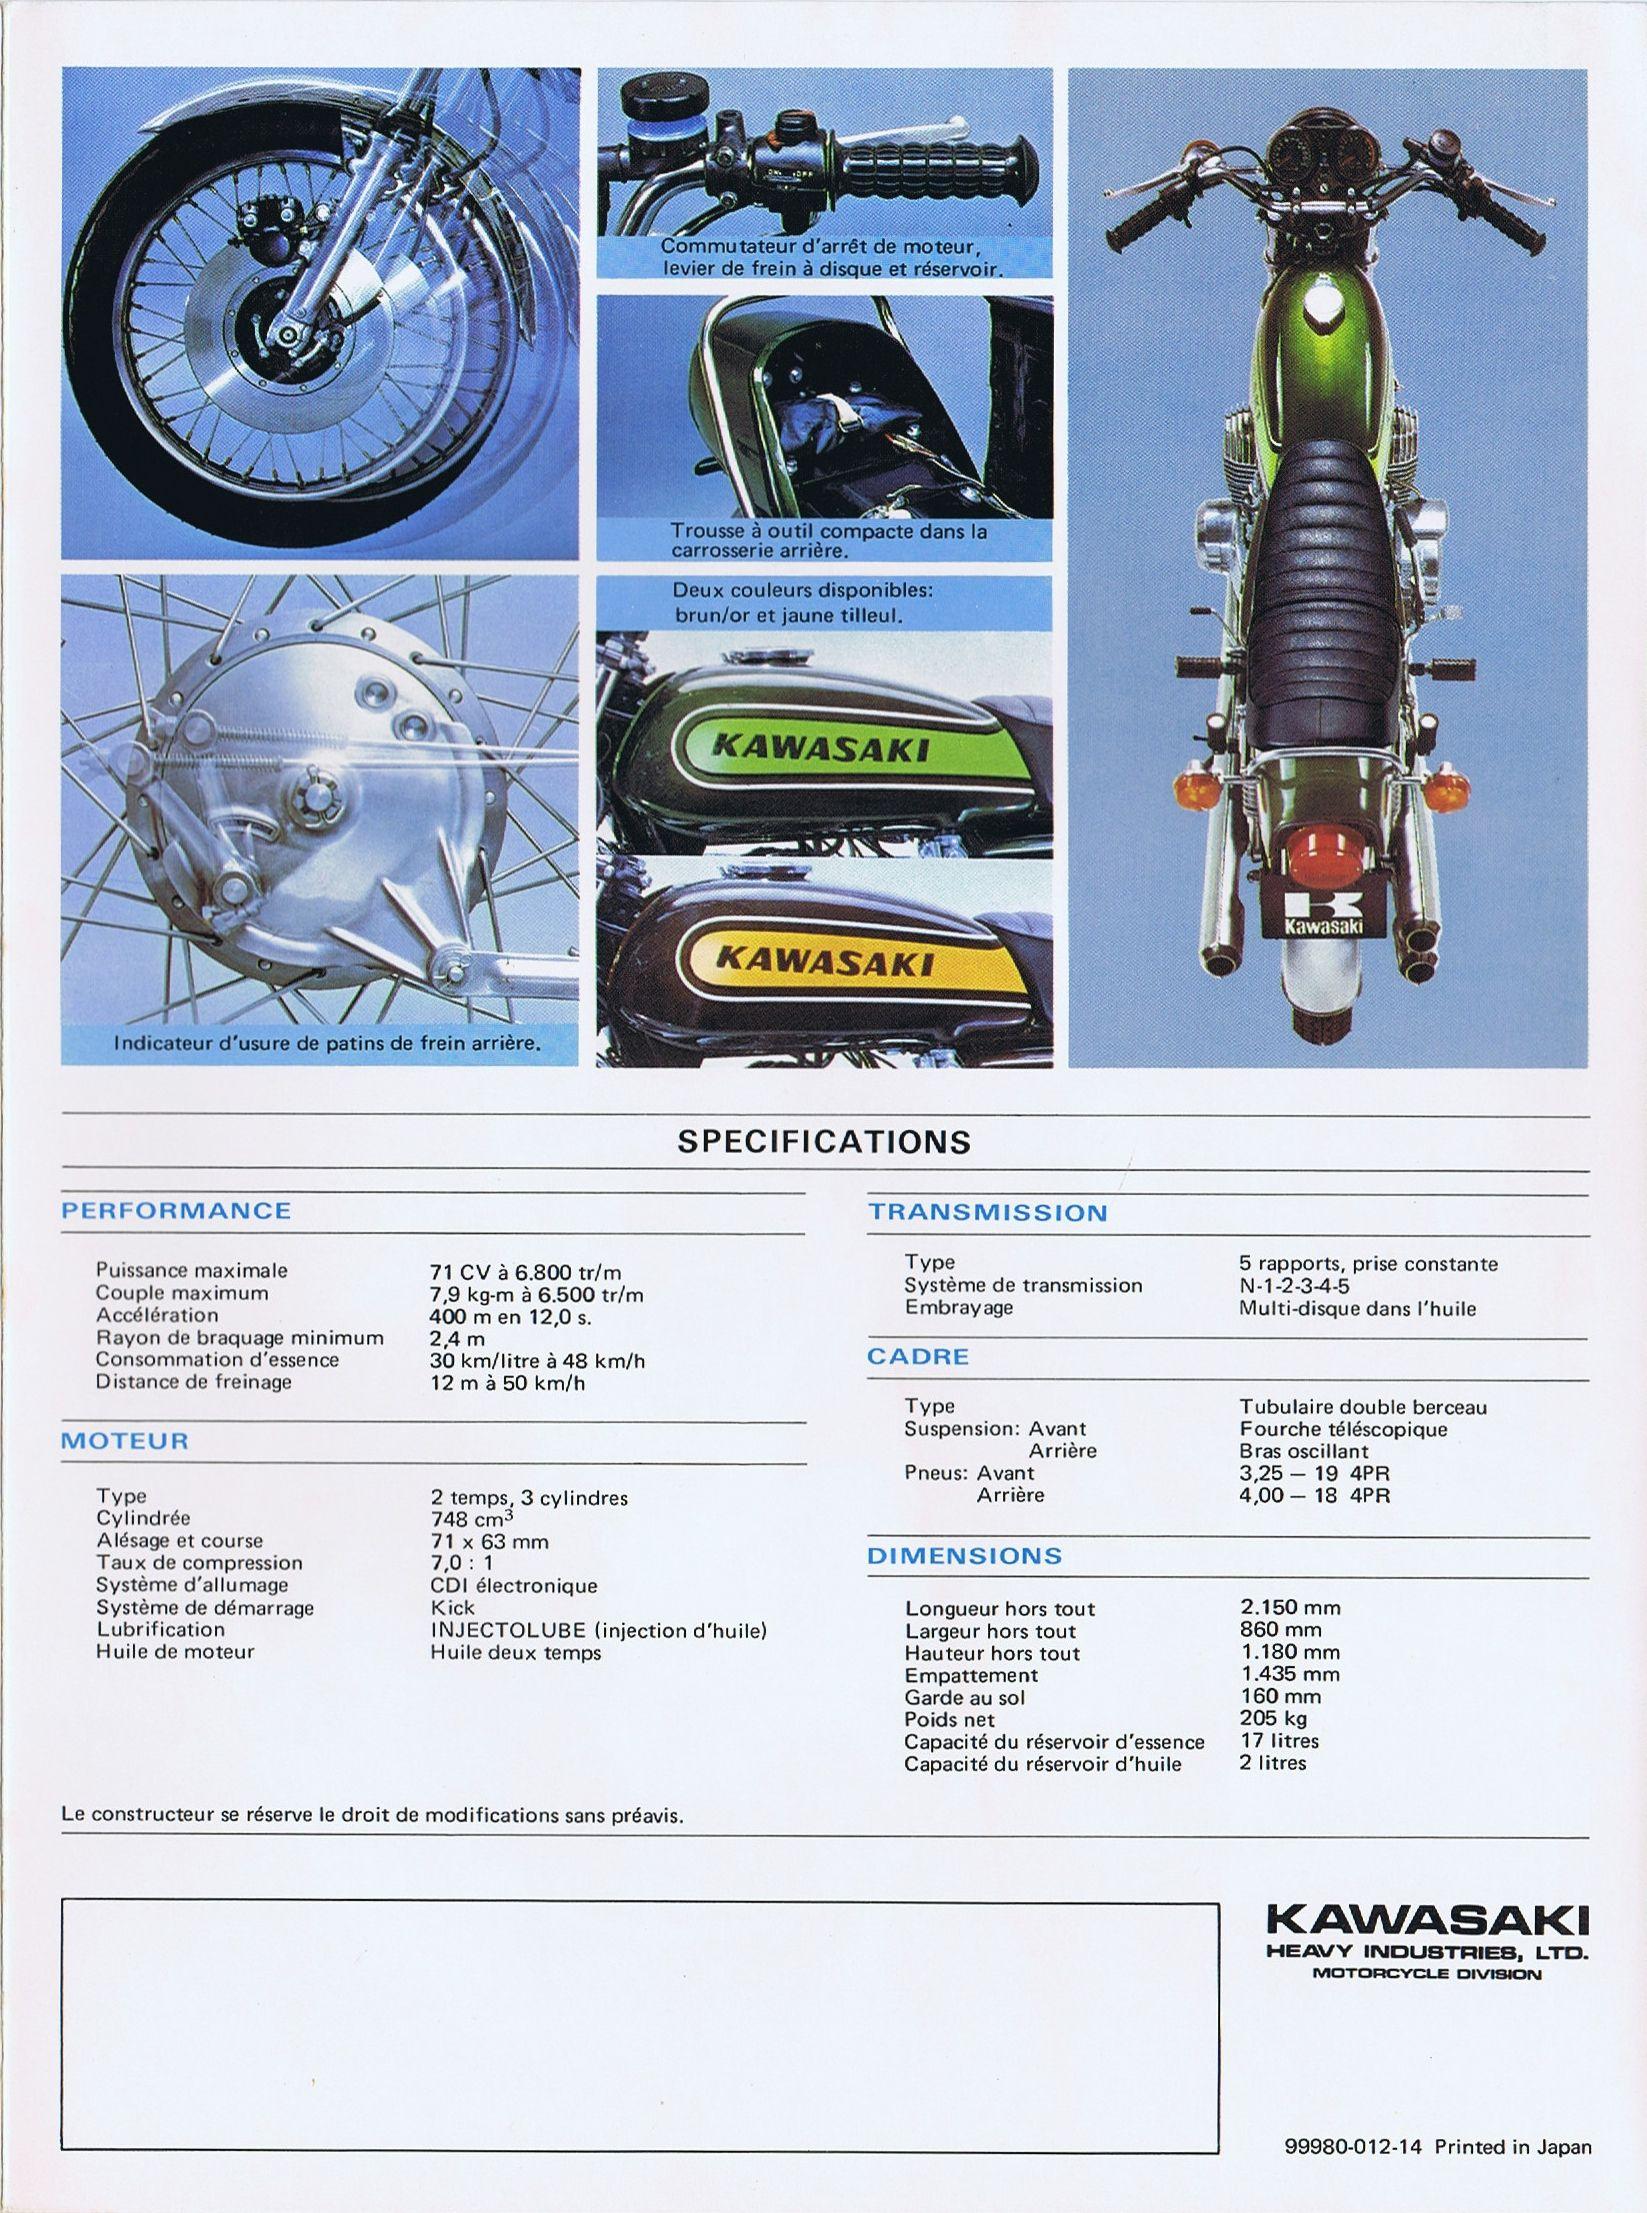 1974 Kawasaki 750 Mach Iv H2 2 Stroke Brochure France 06 Motorrad Beschleunigung Motor